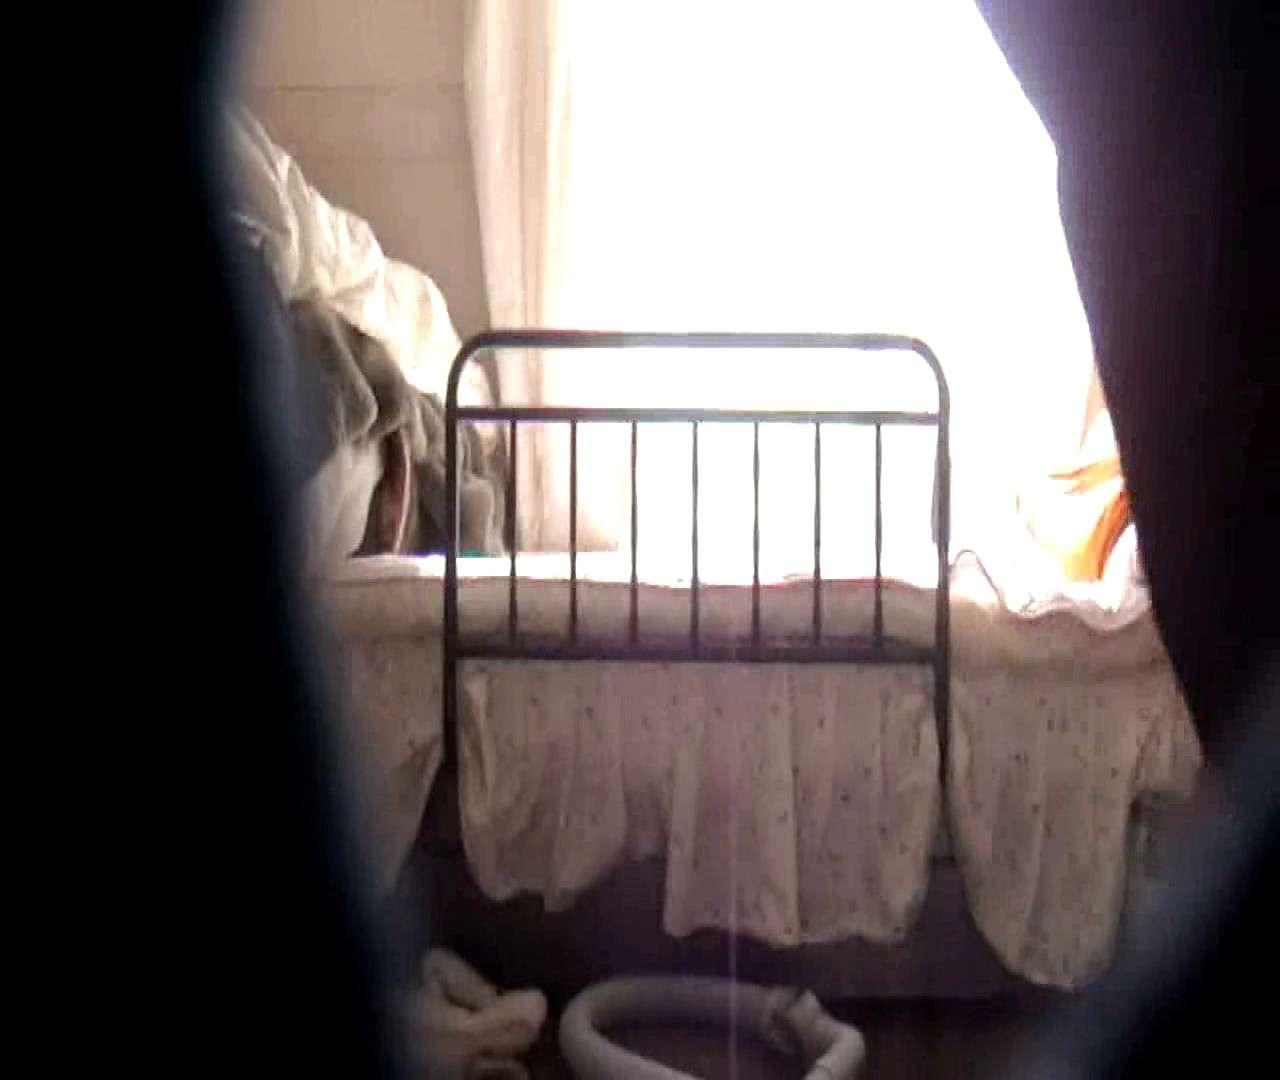 vol.3 まどかがパンツを見せながら部屋掃除、洗面所も少しどうぞ。 パンツ特集 エロ画像 106画像 68